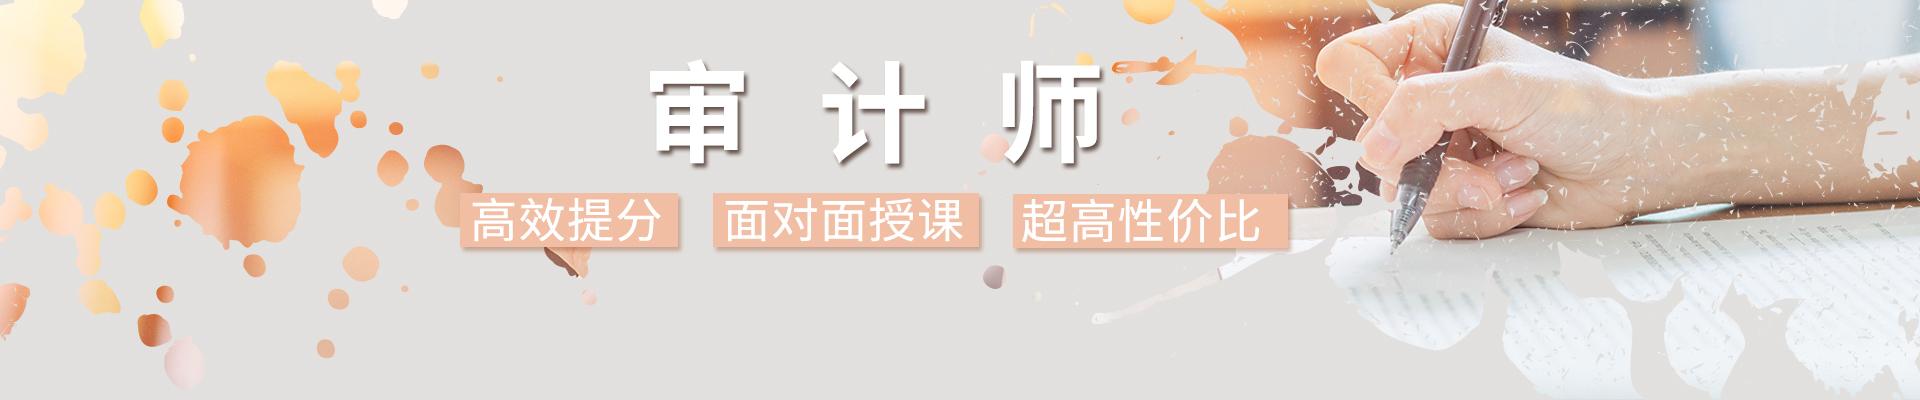 广西南宁高顿财经教育学校